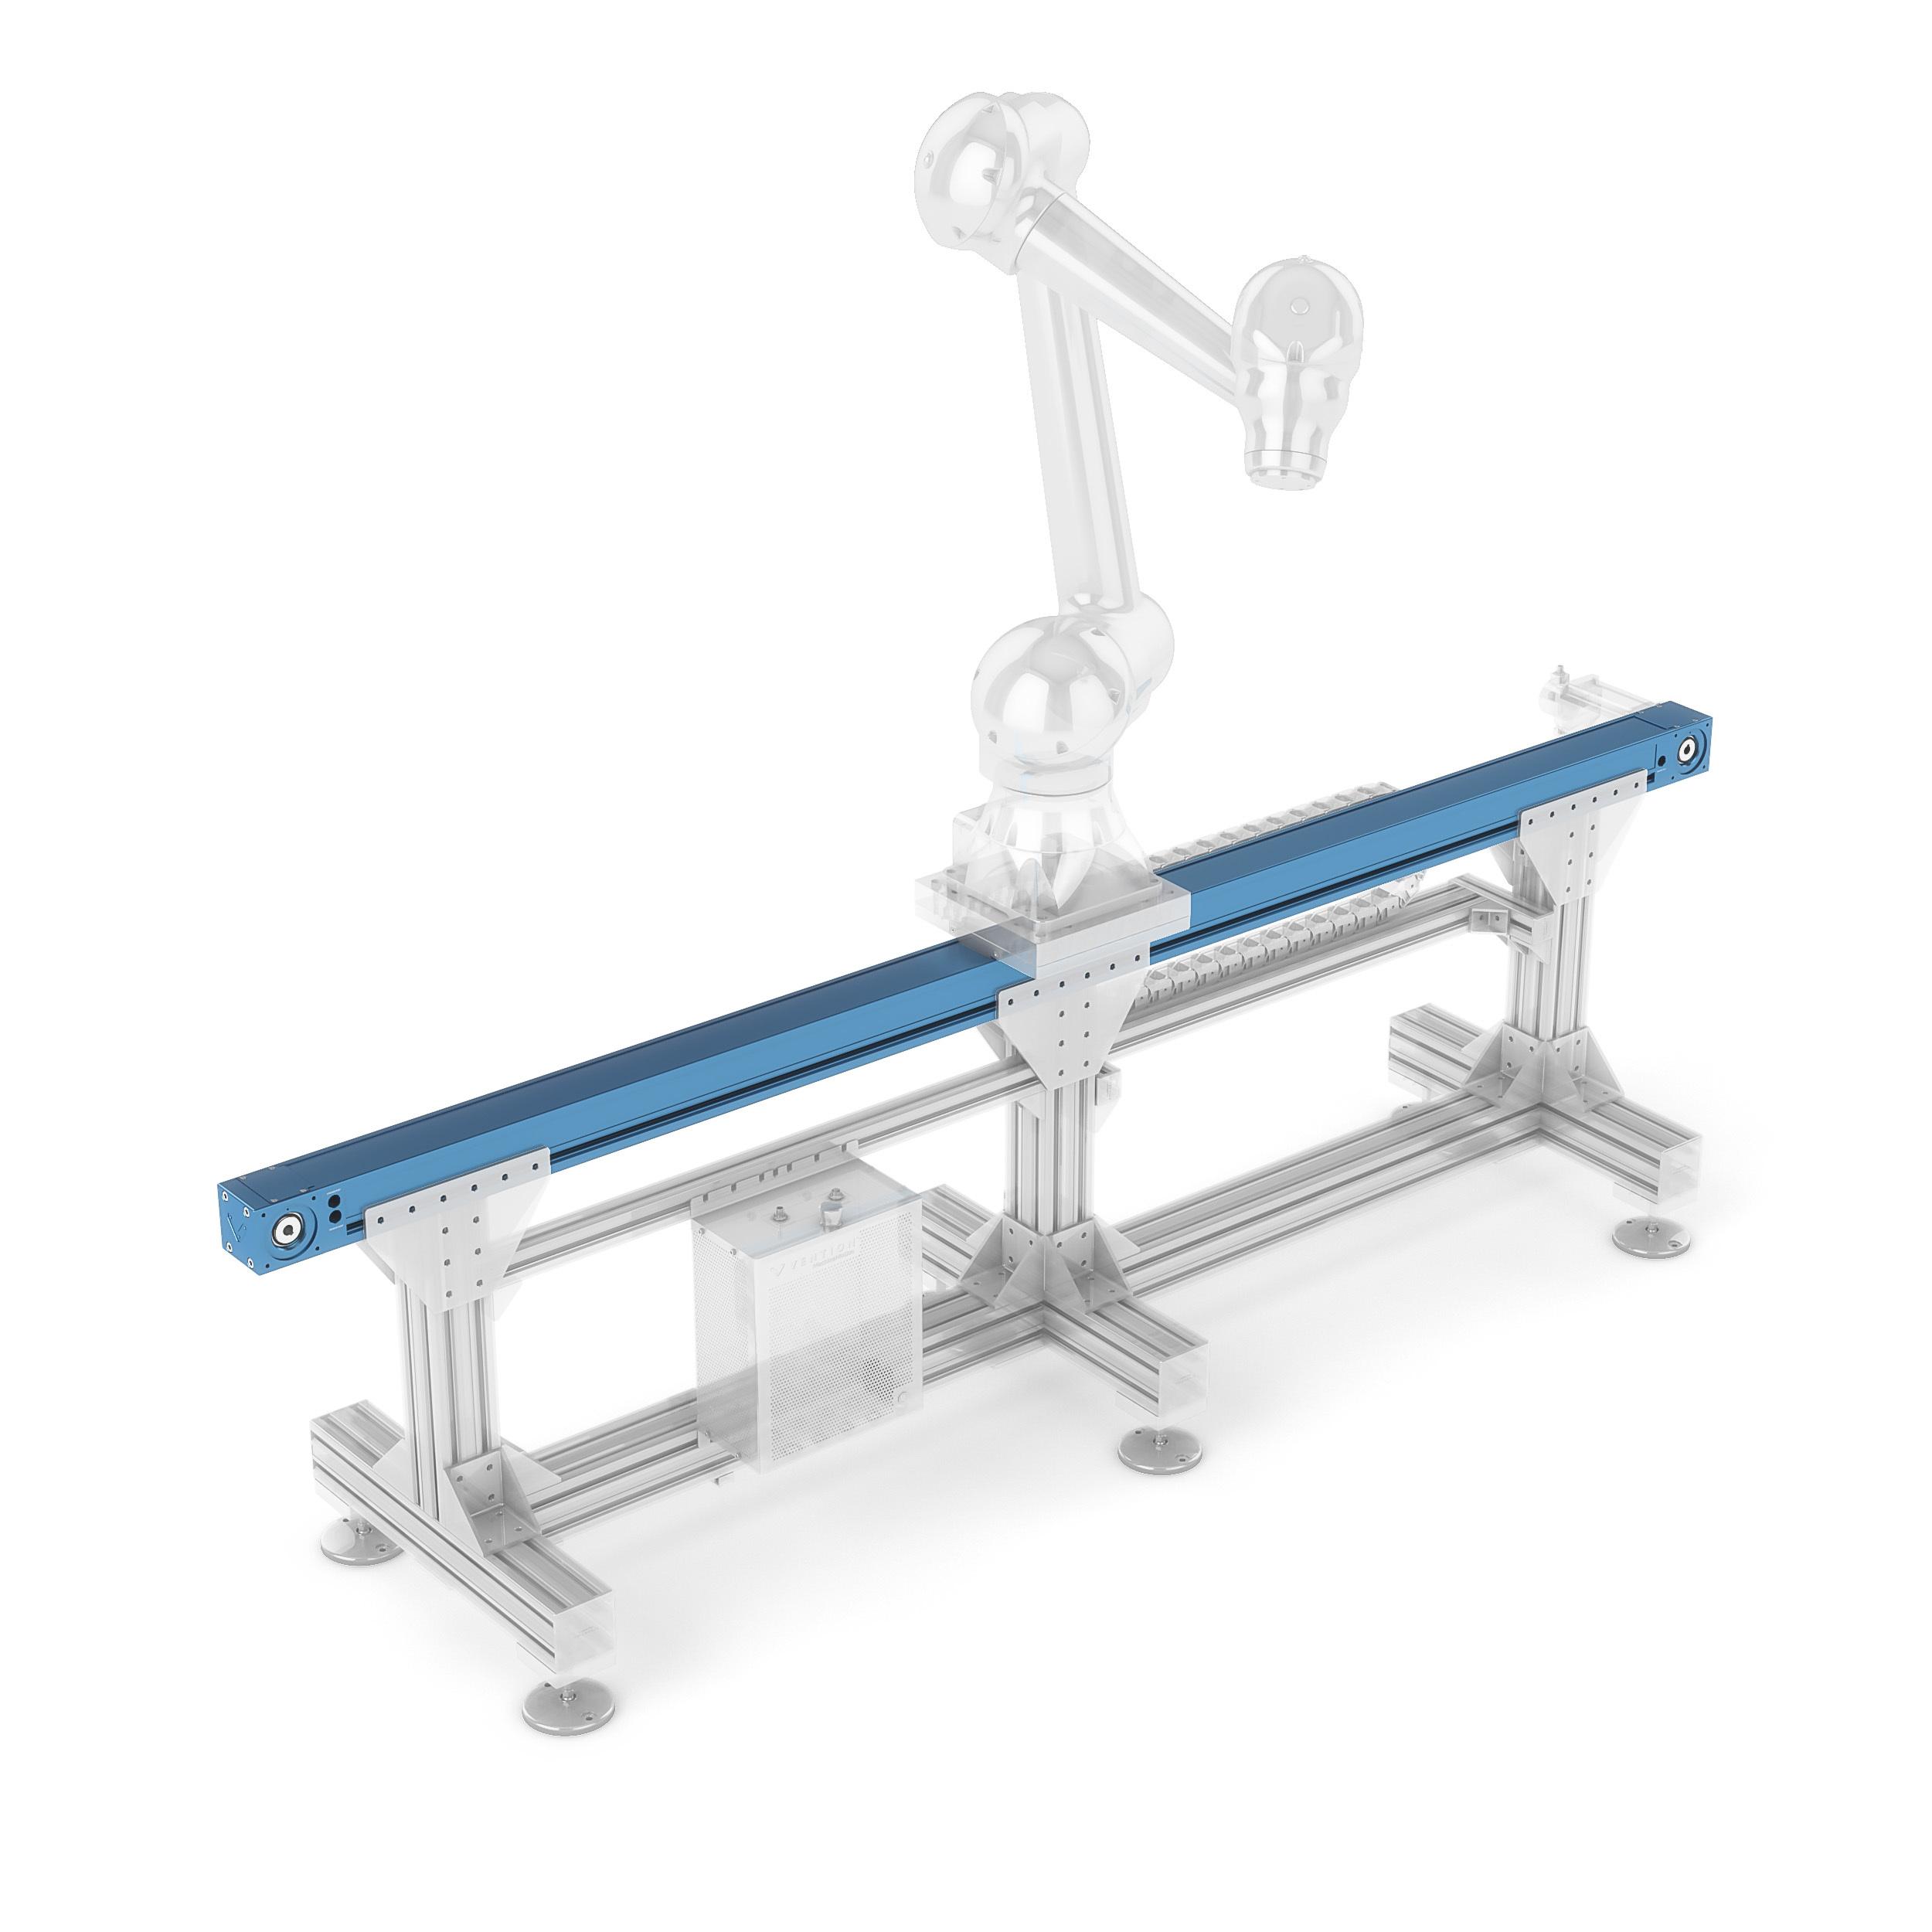 Full-size range extender